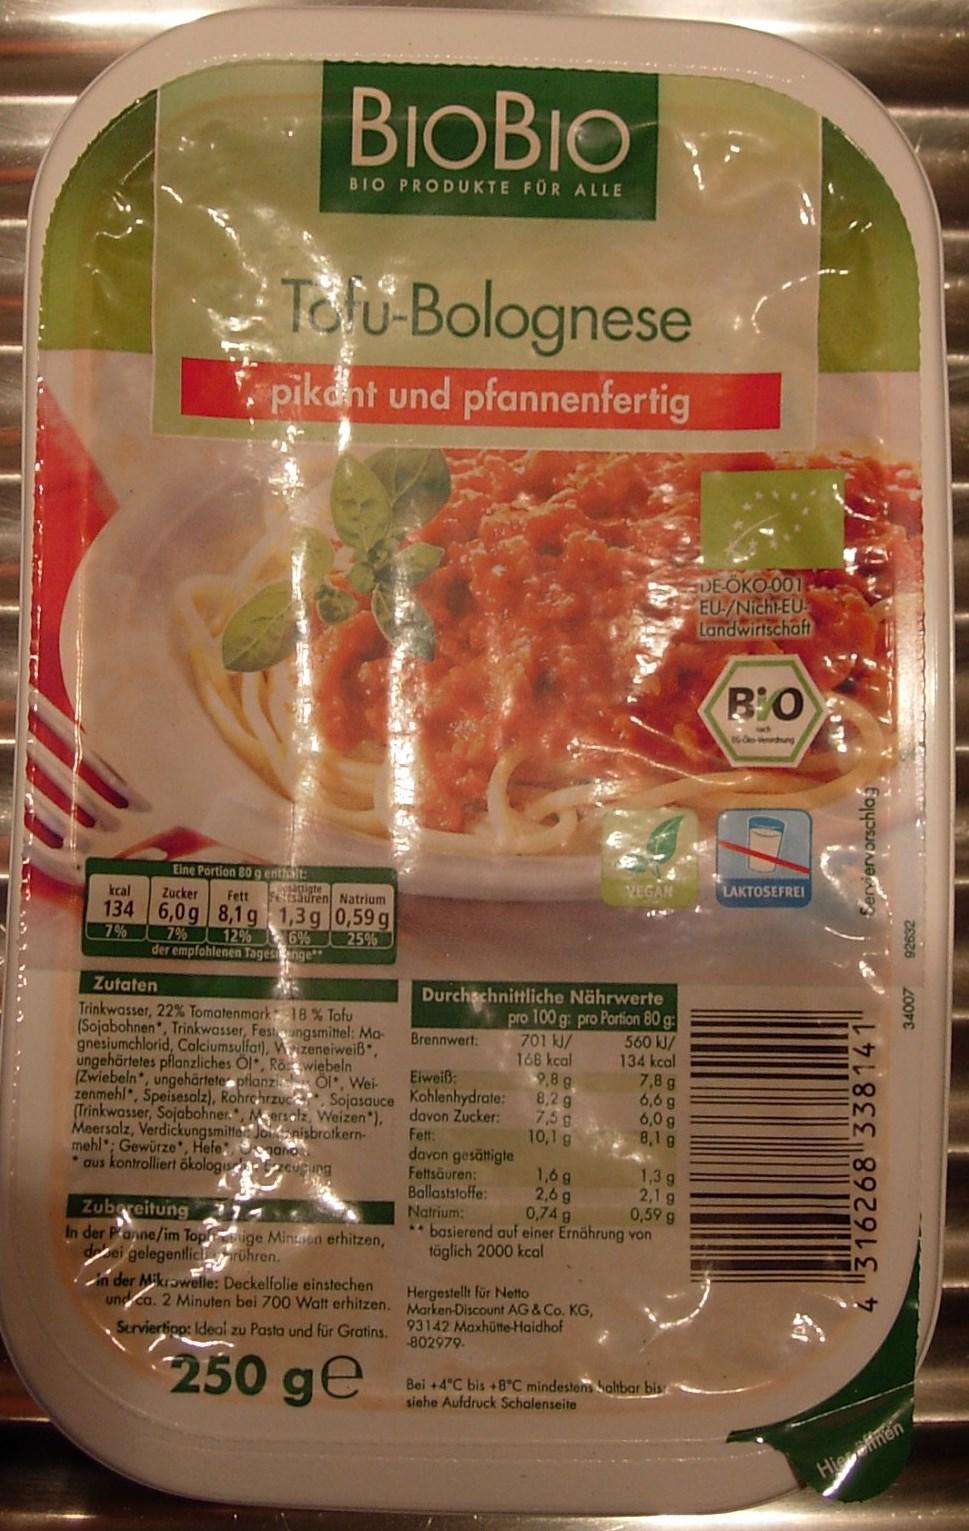 Tuffi  Is Dann Mal Veg : Produkt-Test: Fertige Tofu-Bolognese